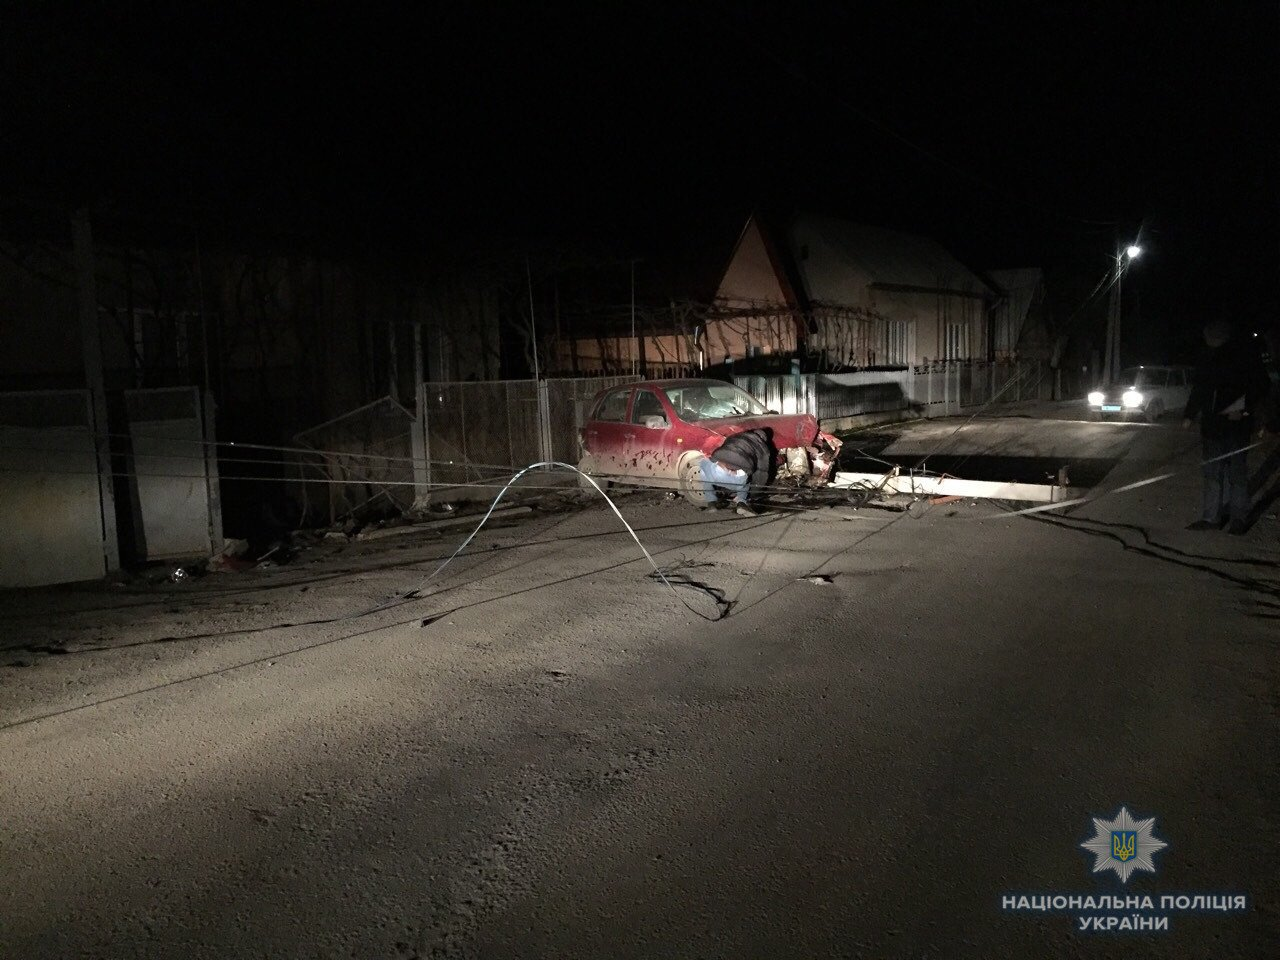 Моторошна ДТП на Закарпатті: п'яний водій залишив помирати збитого пішохода та травмовану дитину (ФОТО), фото-3